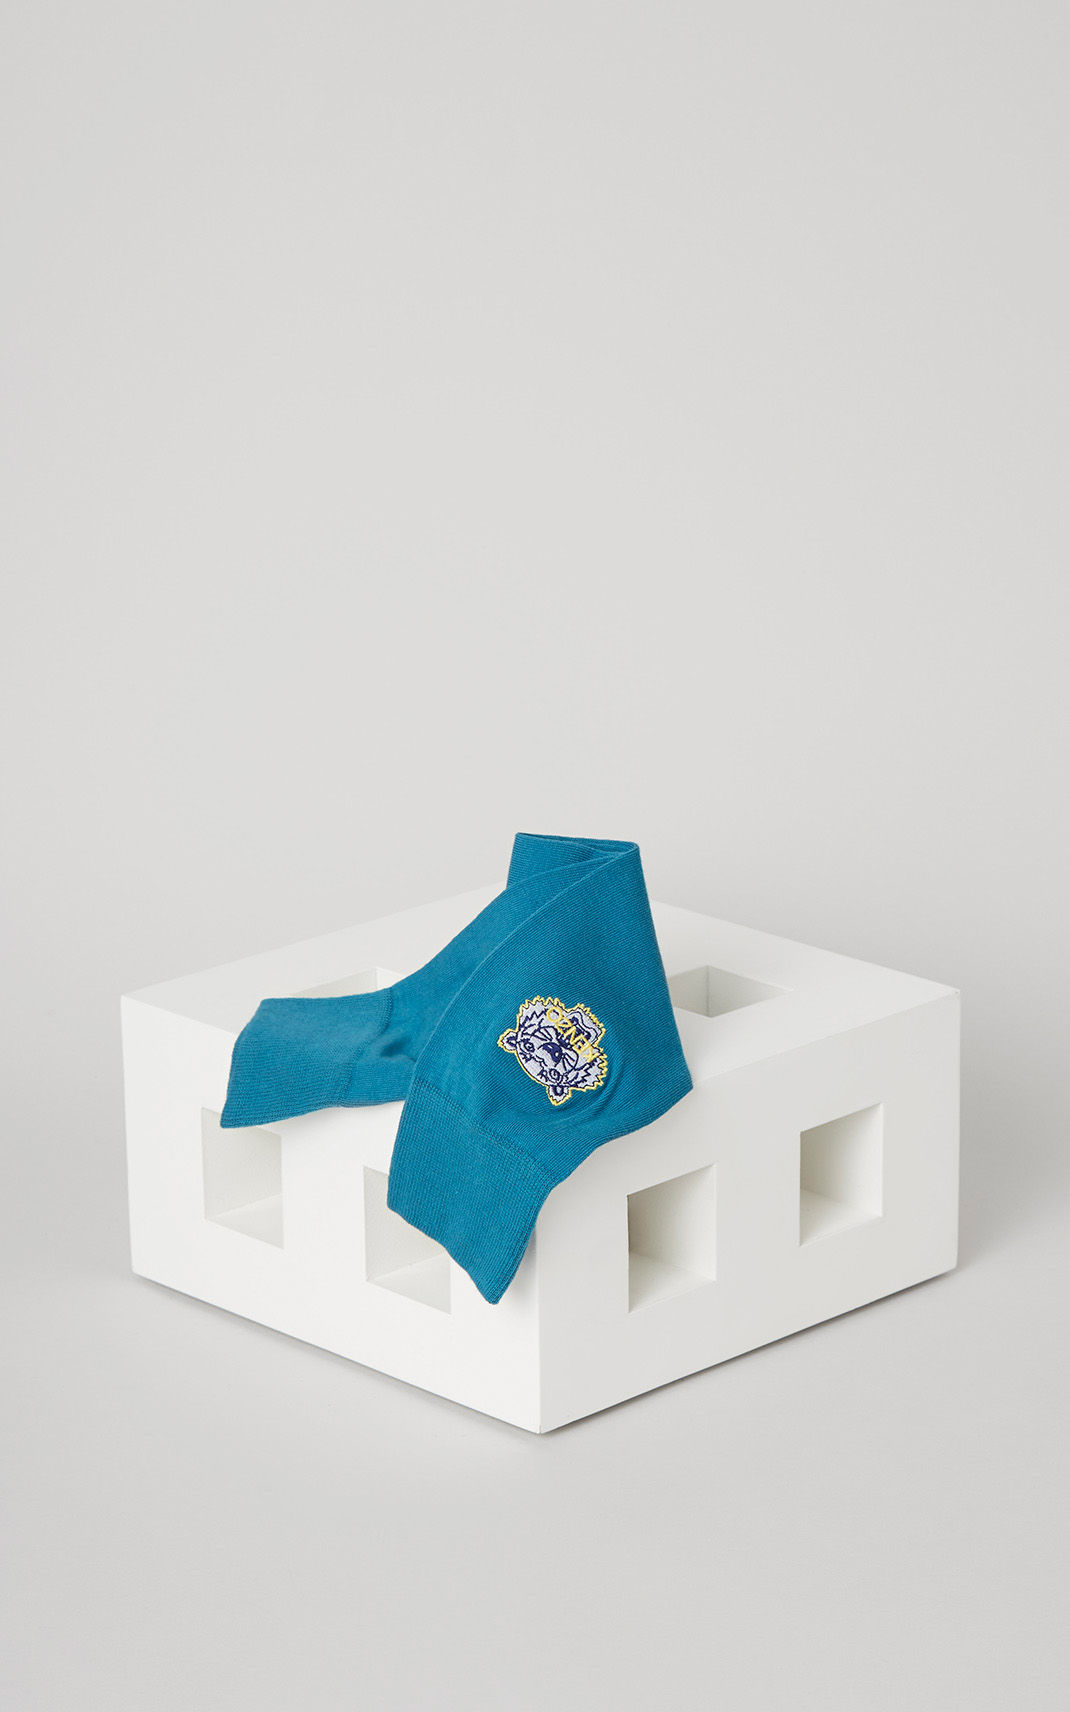 KENZO也有推出高彩度的襪子喔!雖然設計風格很簡單,但穿起來就是擋不住的帥氣。